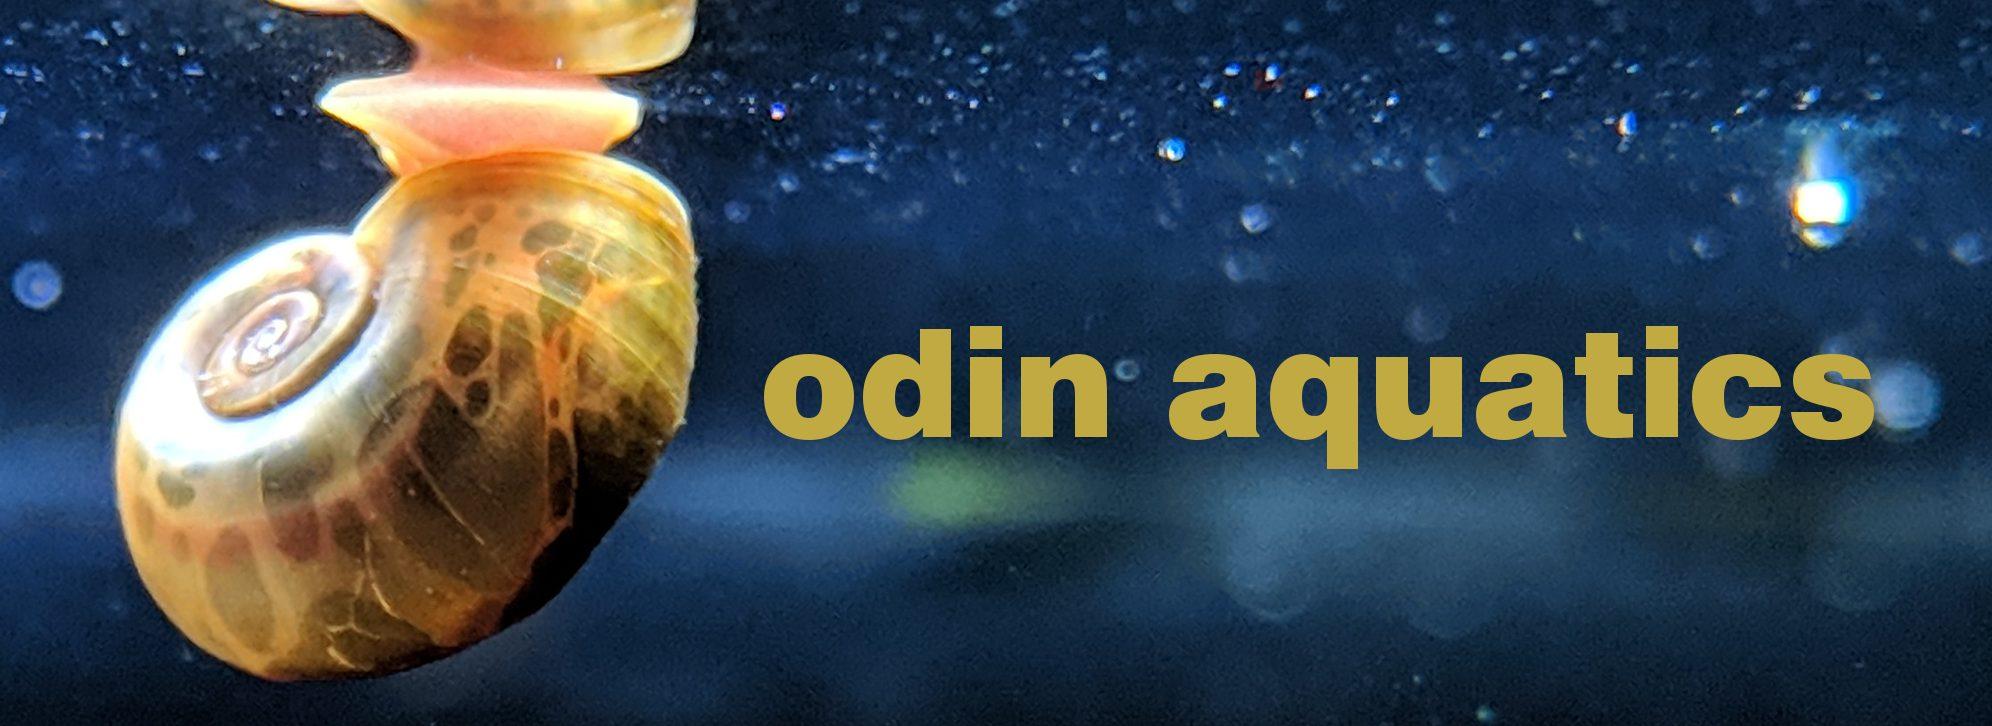 Odin Aquatics